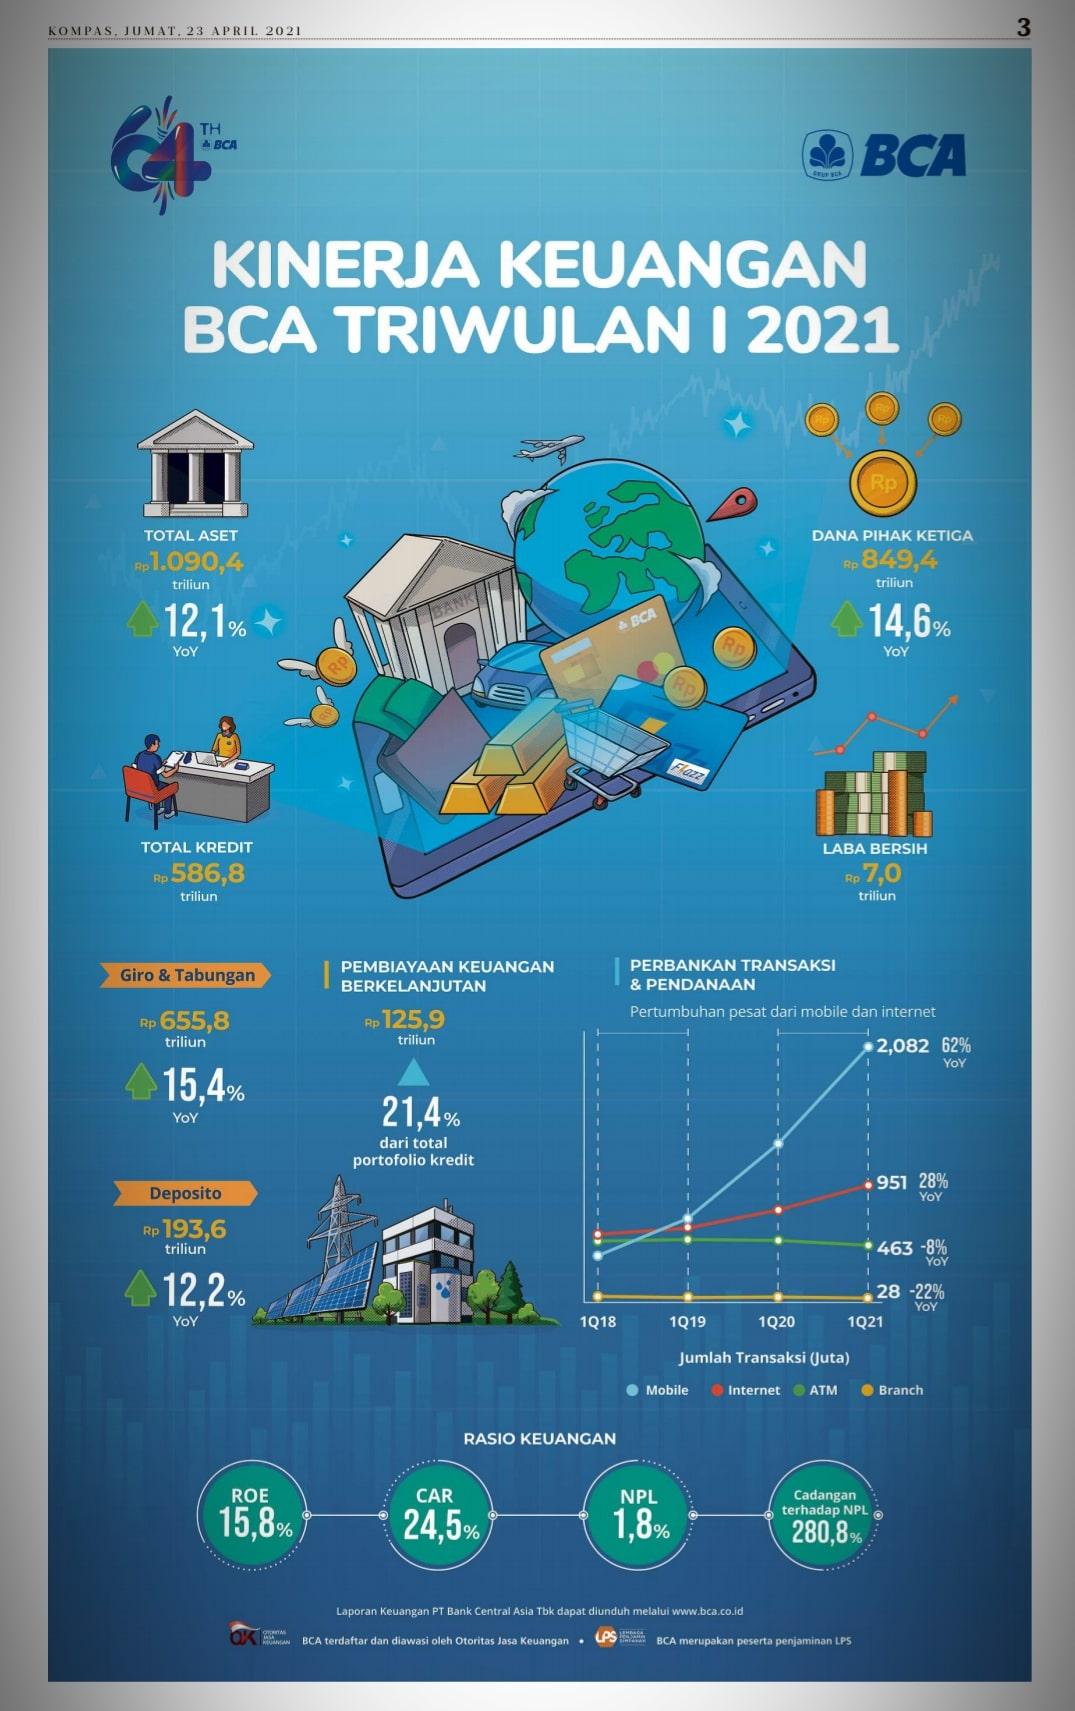 Laporan keuangan dalam wujud infografik